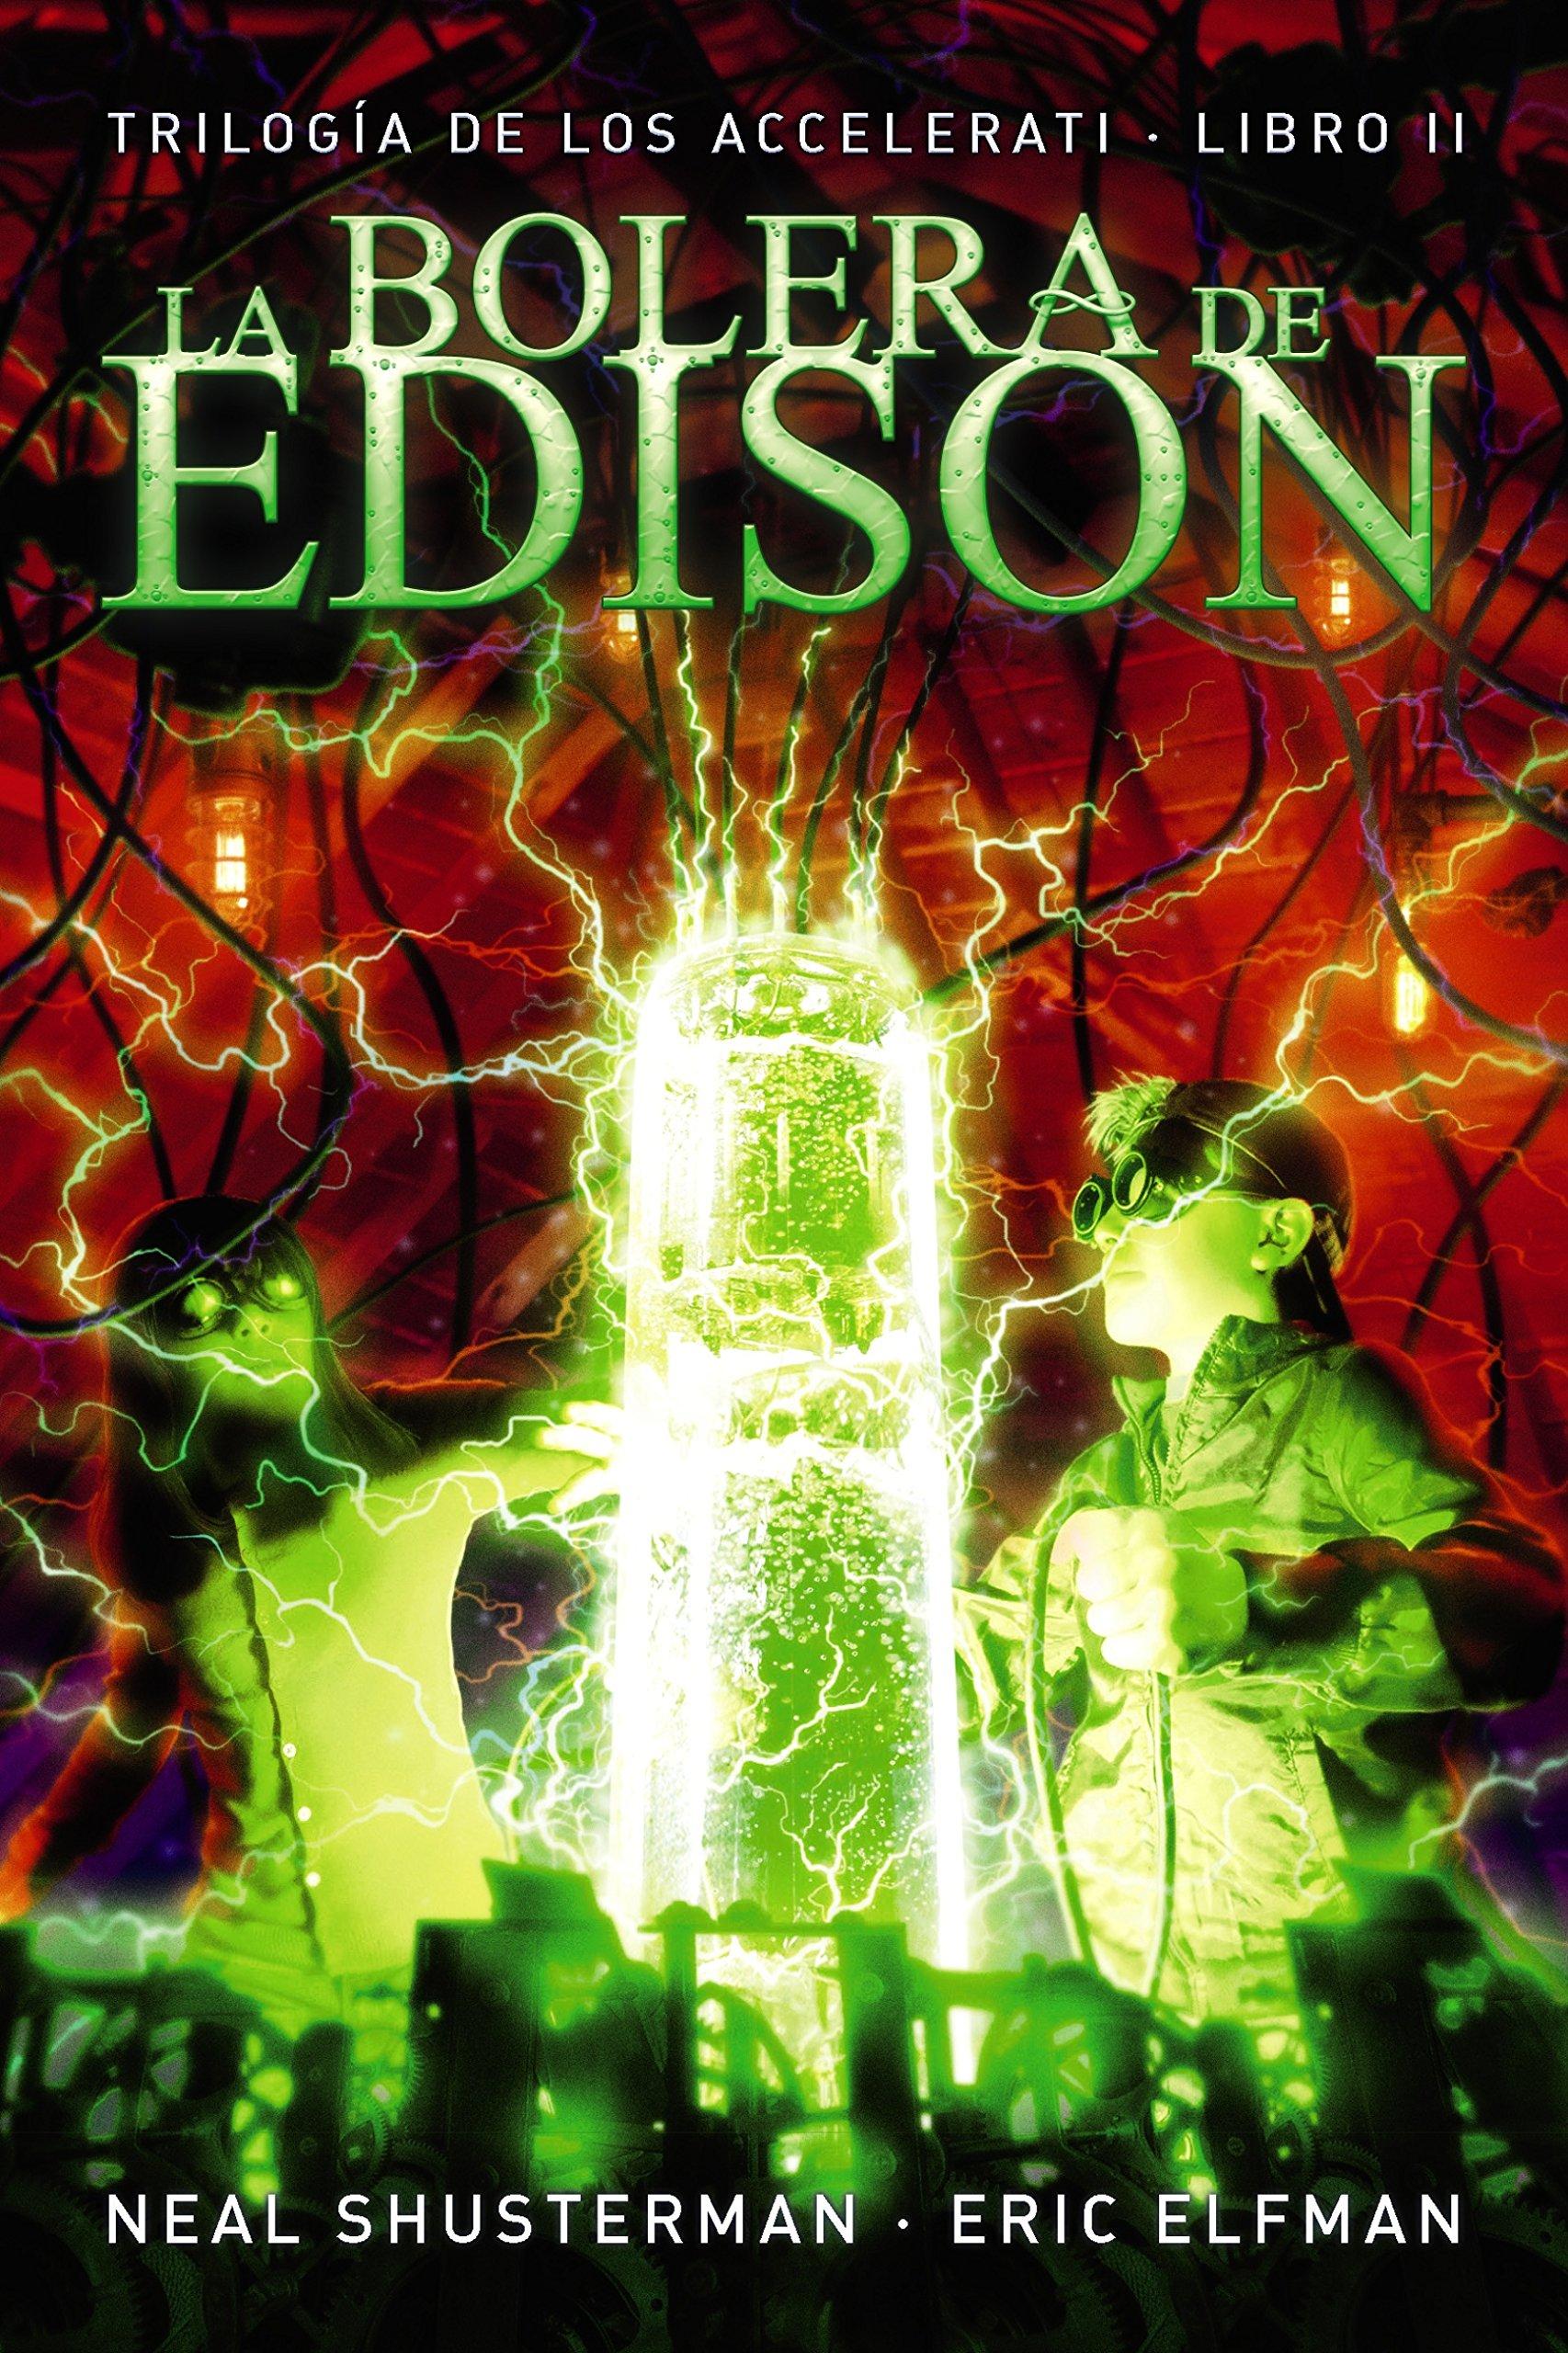 La bolera de Edison (LITERATURA JUVENIL (a partir de 12 años) - Narrativa juvenil nº 2)